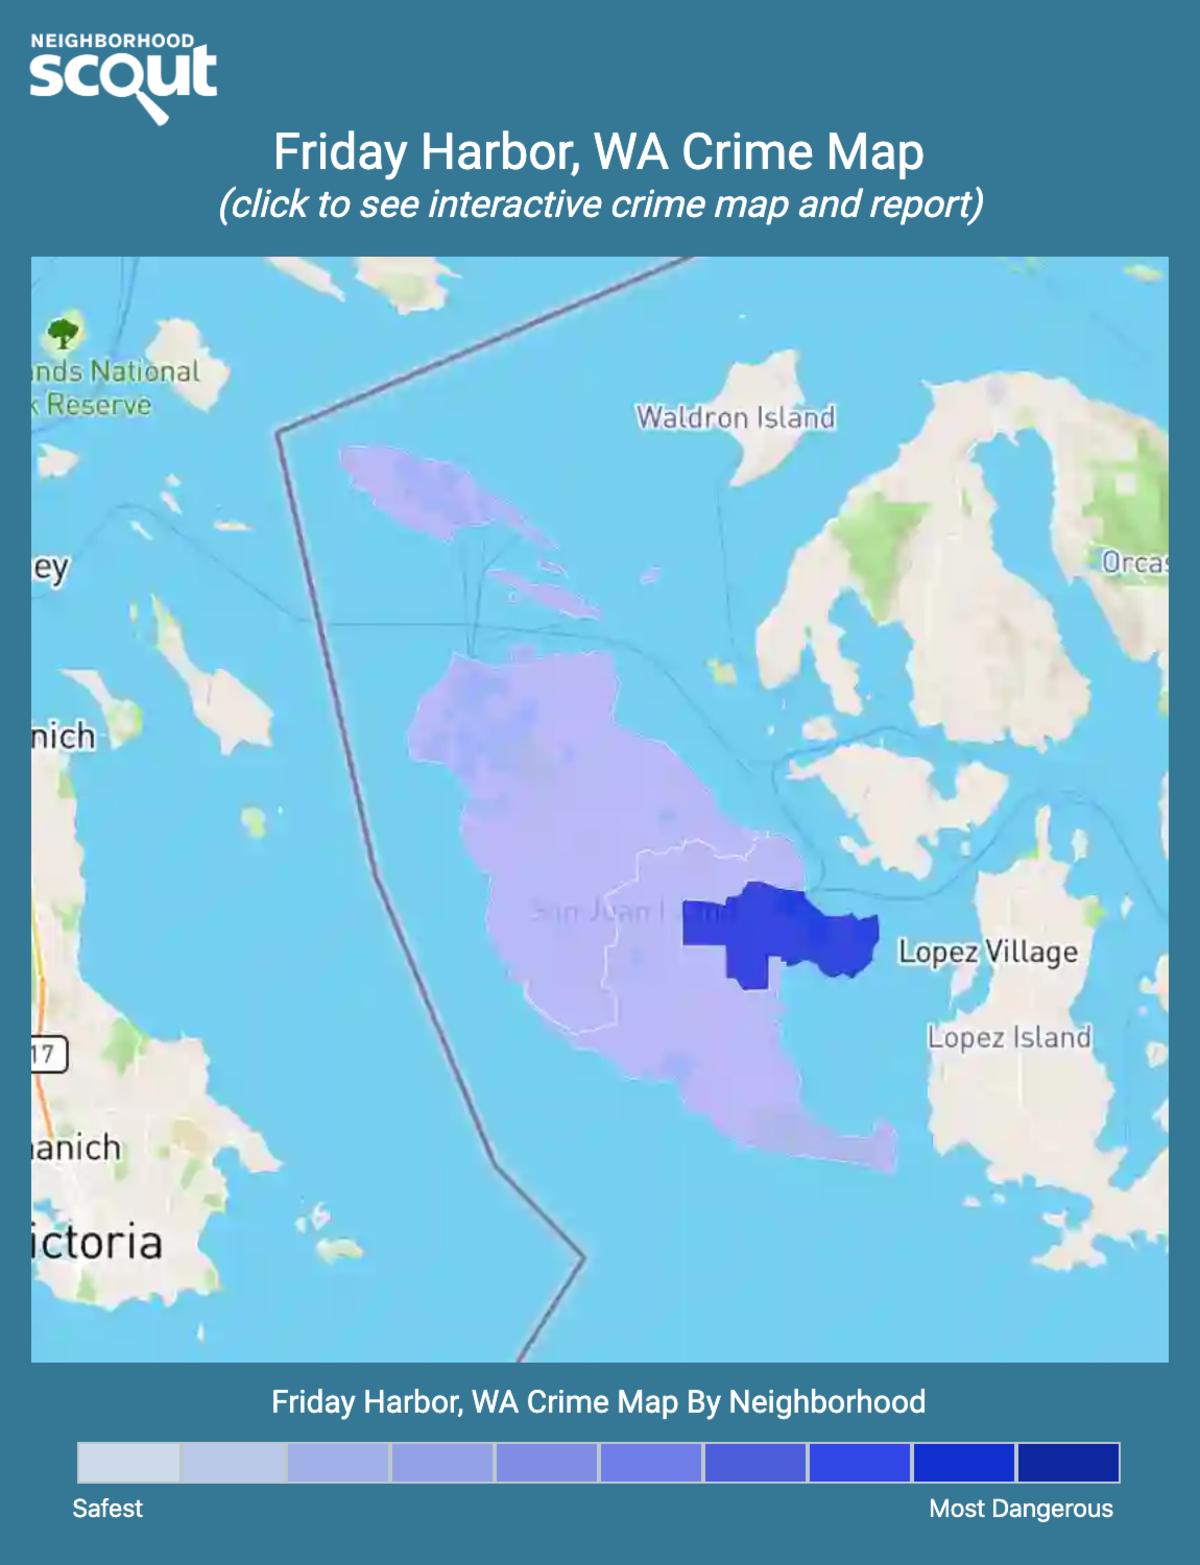 Friday Harbor, Washington crime map